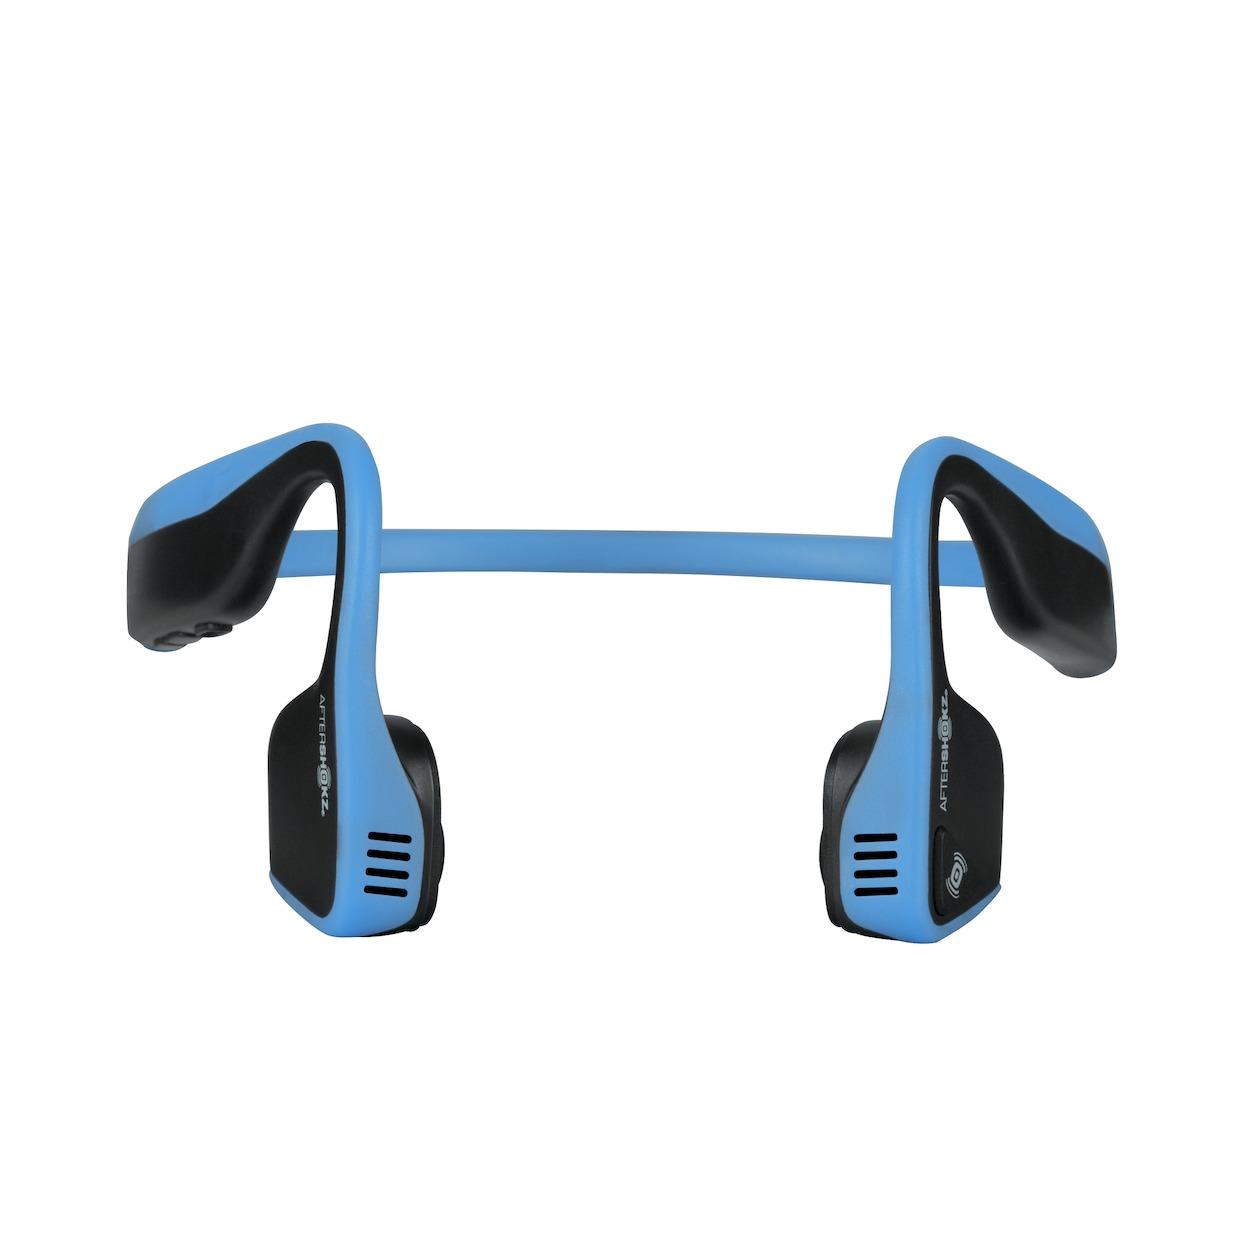 Op WoonWinkelCentrum: Alles voor de inrichting van uw woning is alles over beeld-|-geluid te vinden: waaronder expert en specifiek Aftershokz earbud oordopjes Trekz Titanium blauw (Aftershokz-earbud-oordopjes-Trekz-Titanium-blauw372522400)